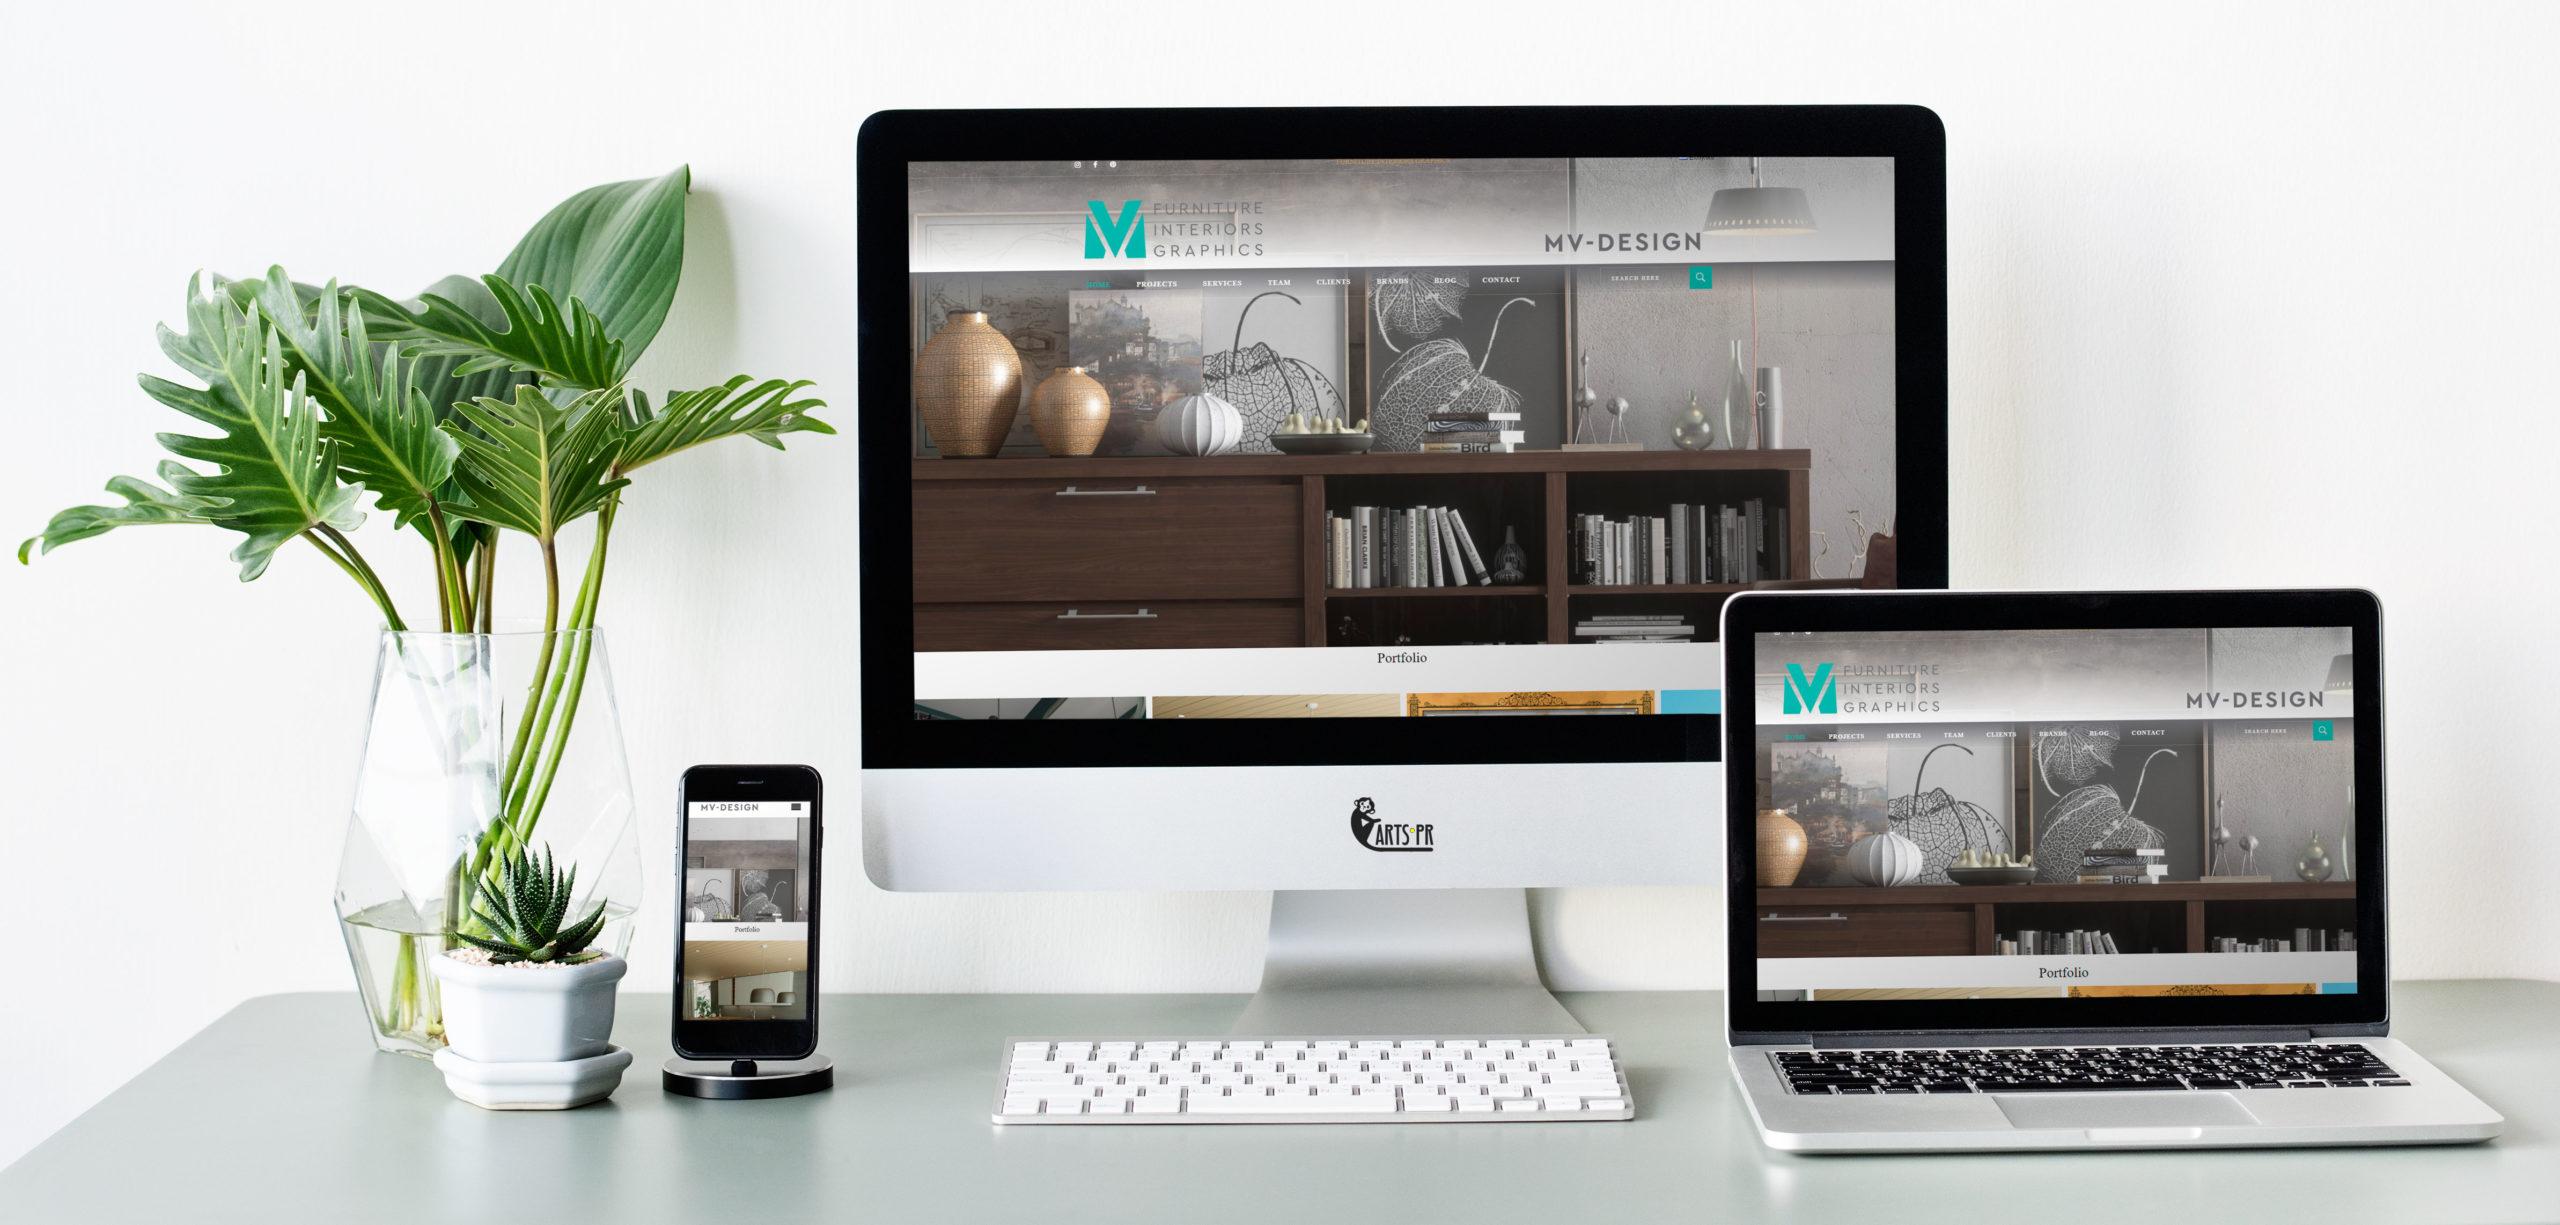 Κατασκευή ιστοσελίδας mv-design